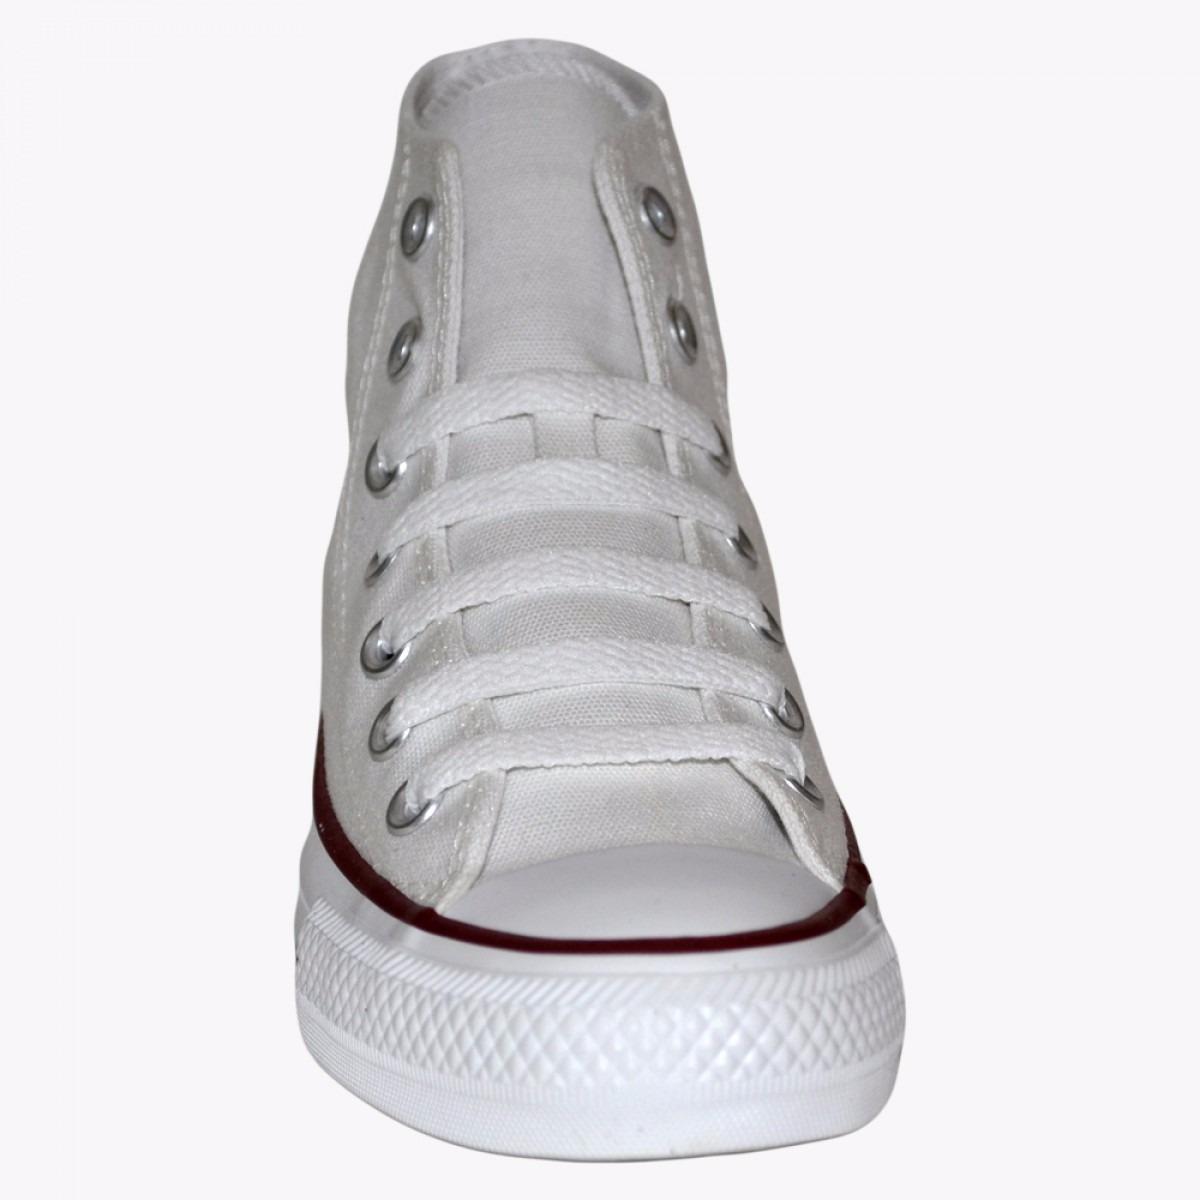 Zapatillas Converse Chuck Taylor Hi C118007b